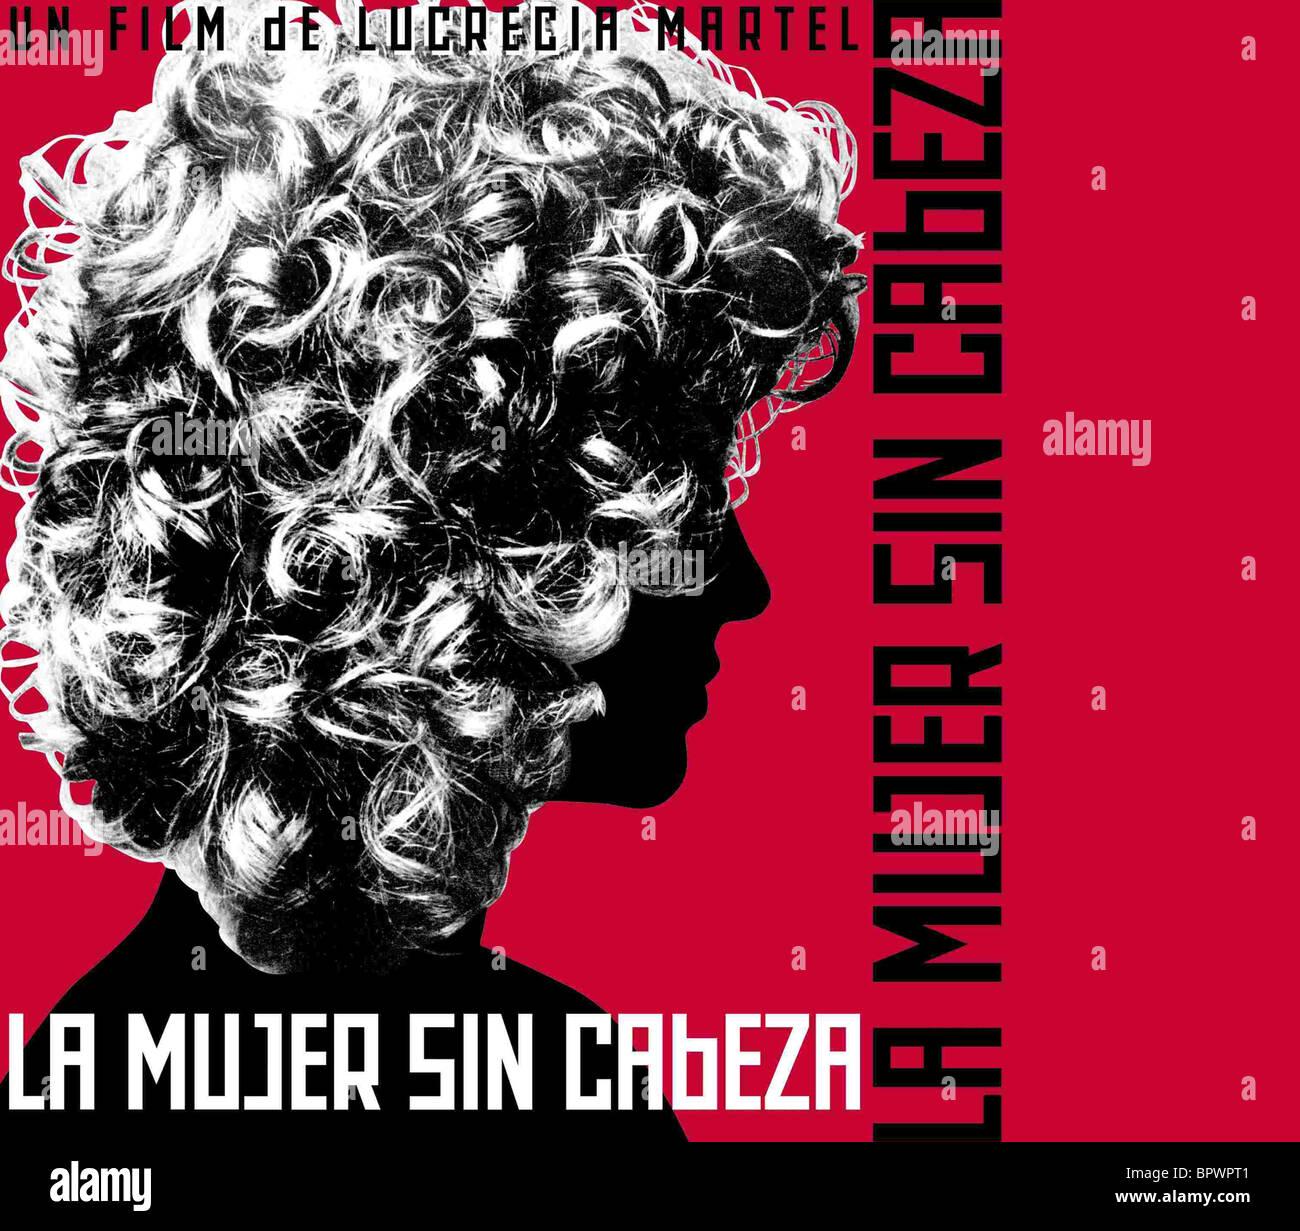 La femme sans tête d'affiche de film; LA MUJER SIN CABEZA (2008) Photo Stock